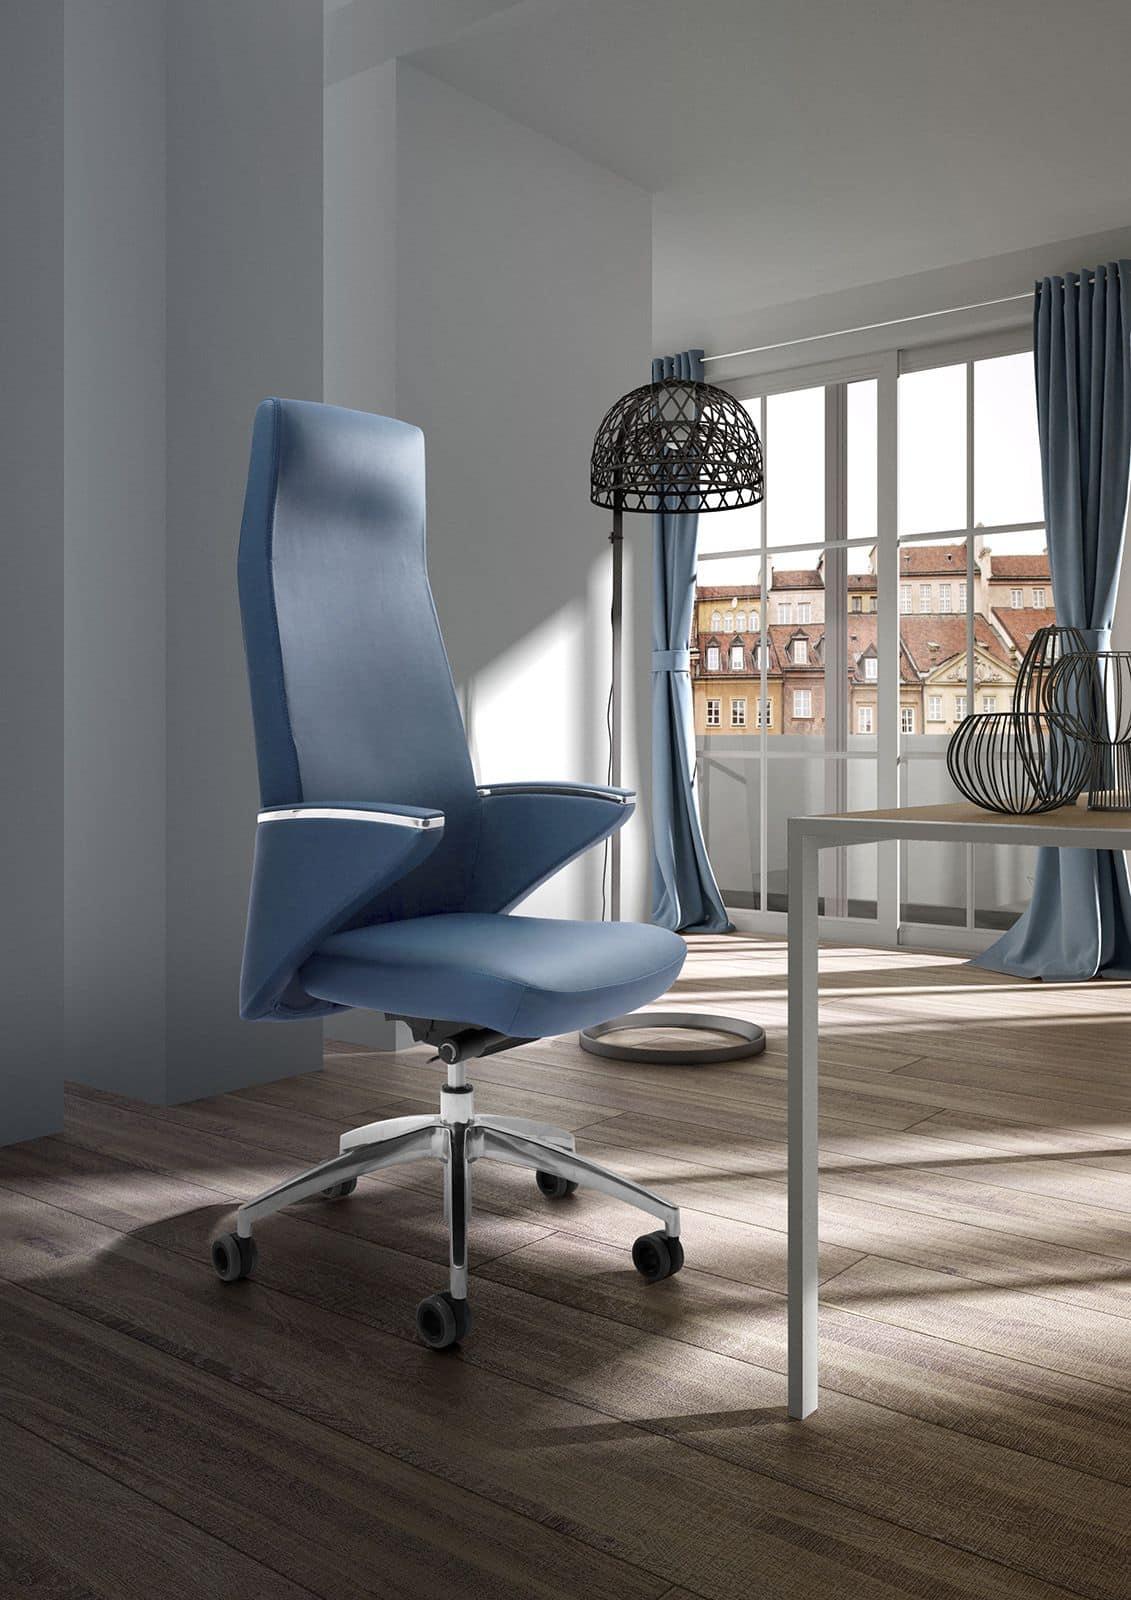 Poltrona direzionale per ufficio schienale capitonn for Ufficio direzionale design